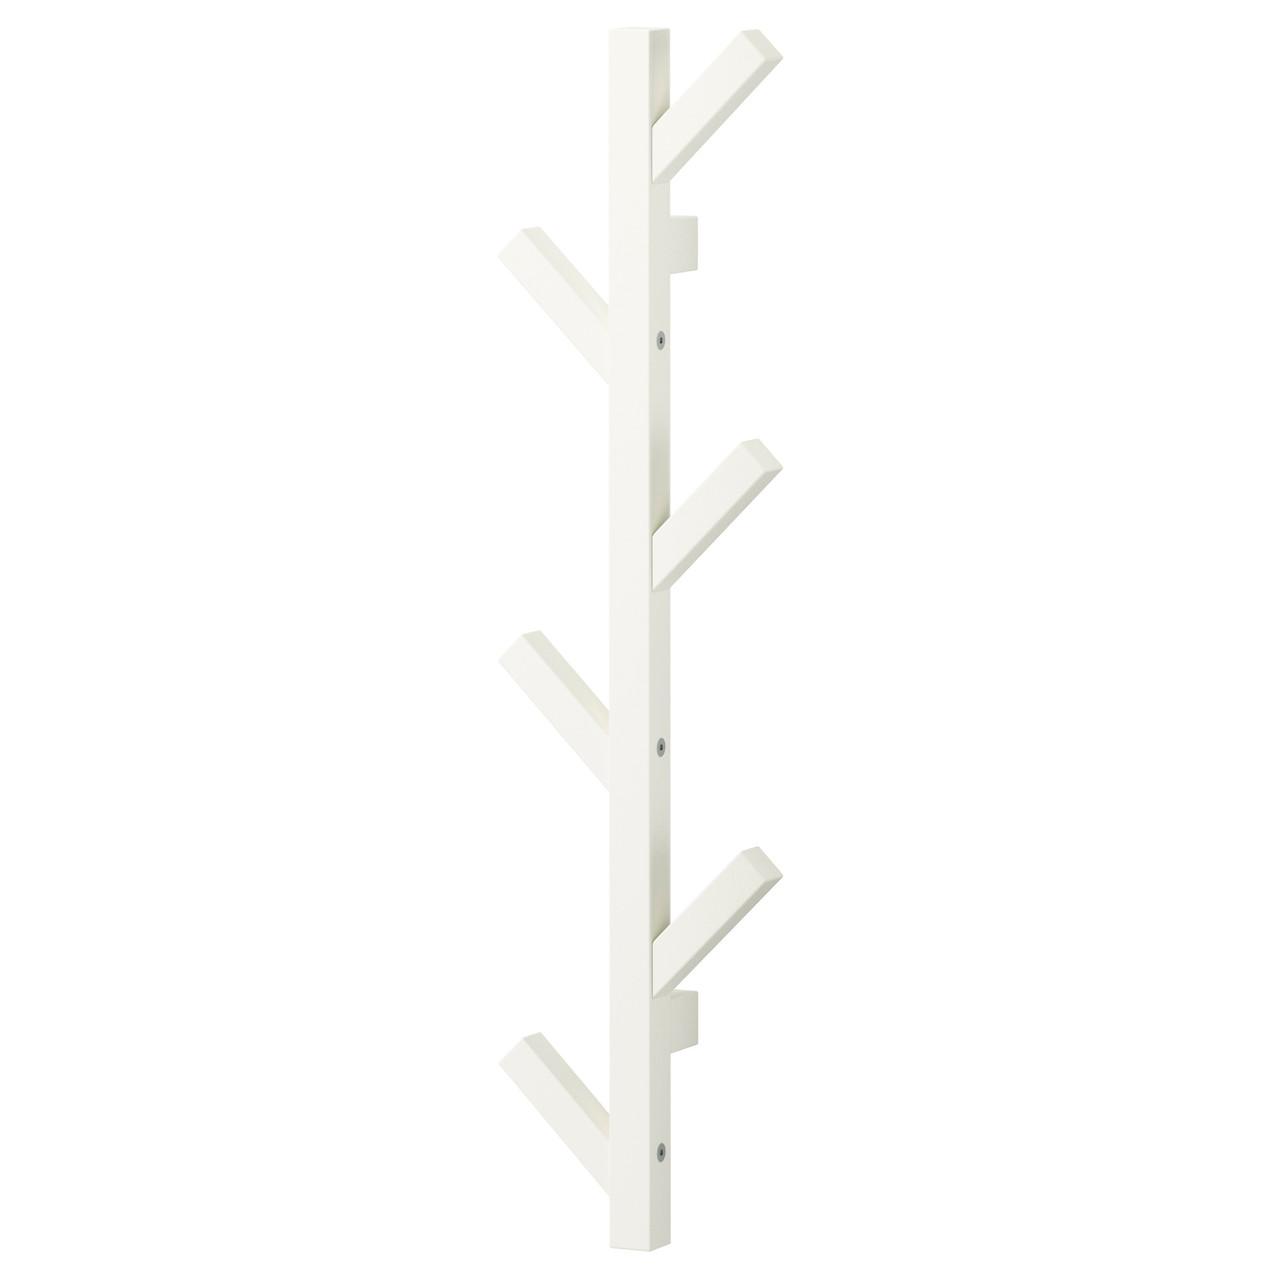 ЧУСИГ Вешалка, дерево, белый, 78 см 60291708 ИКЕА, IKEA, TJUSIG